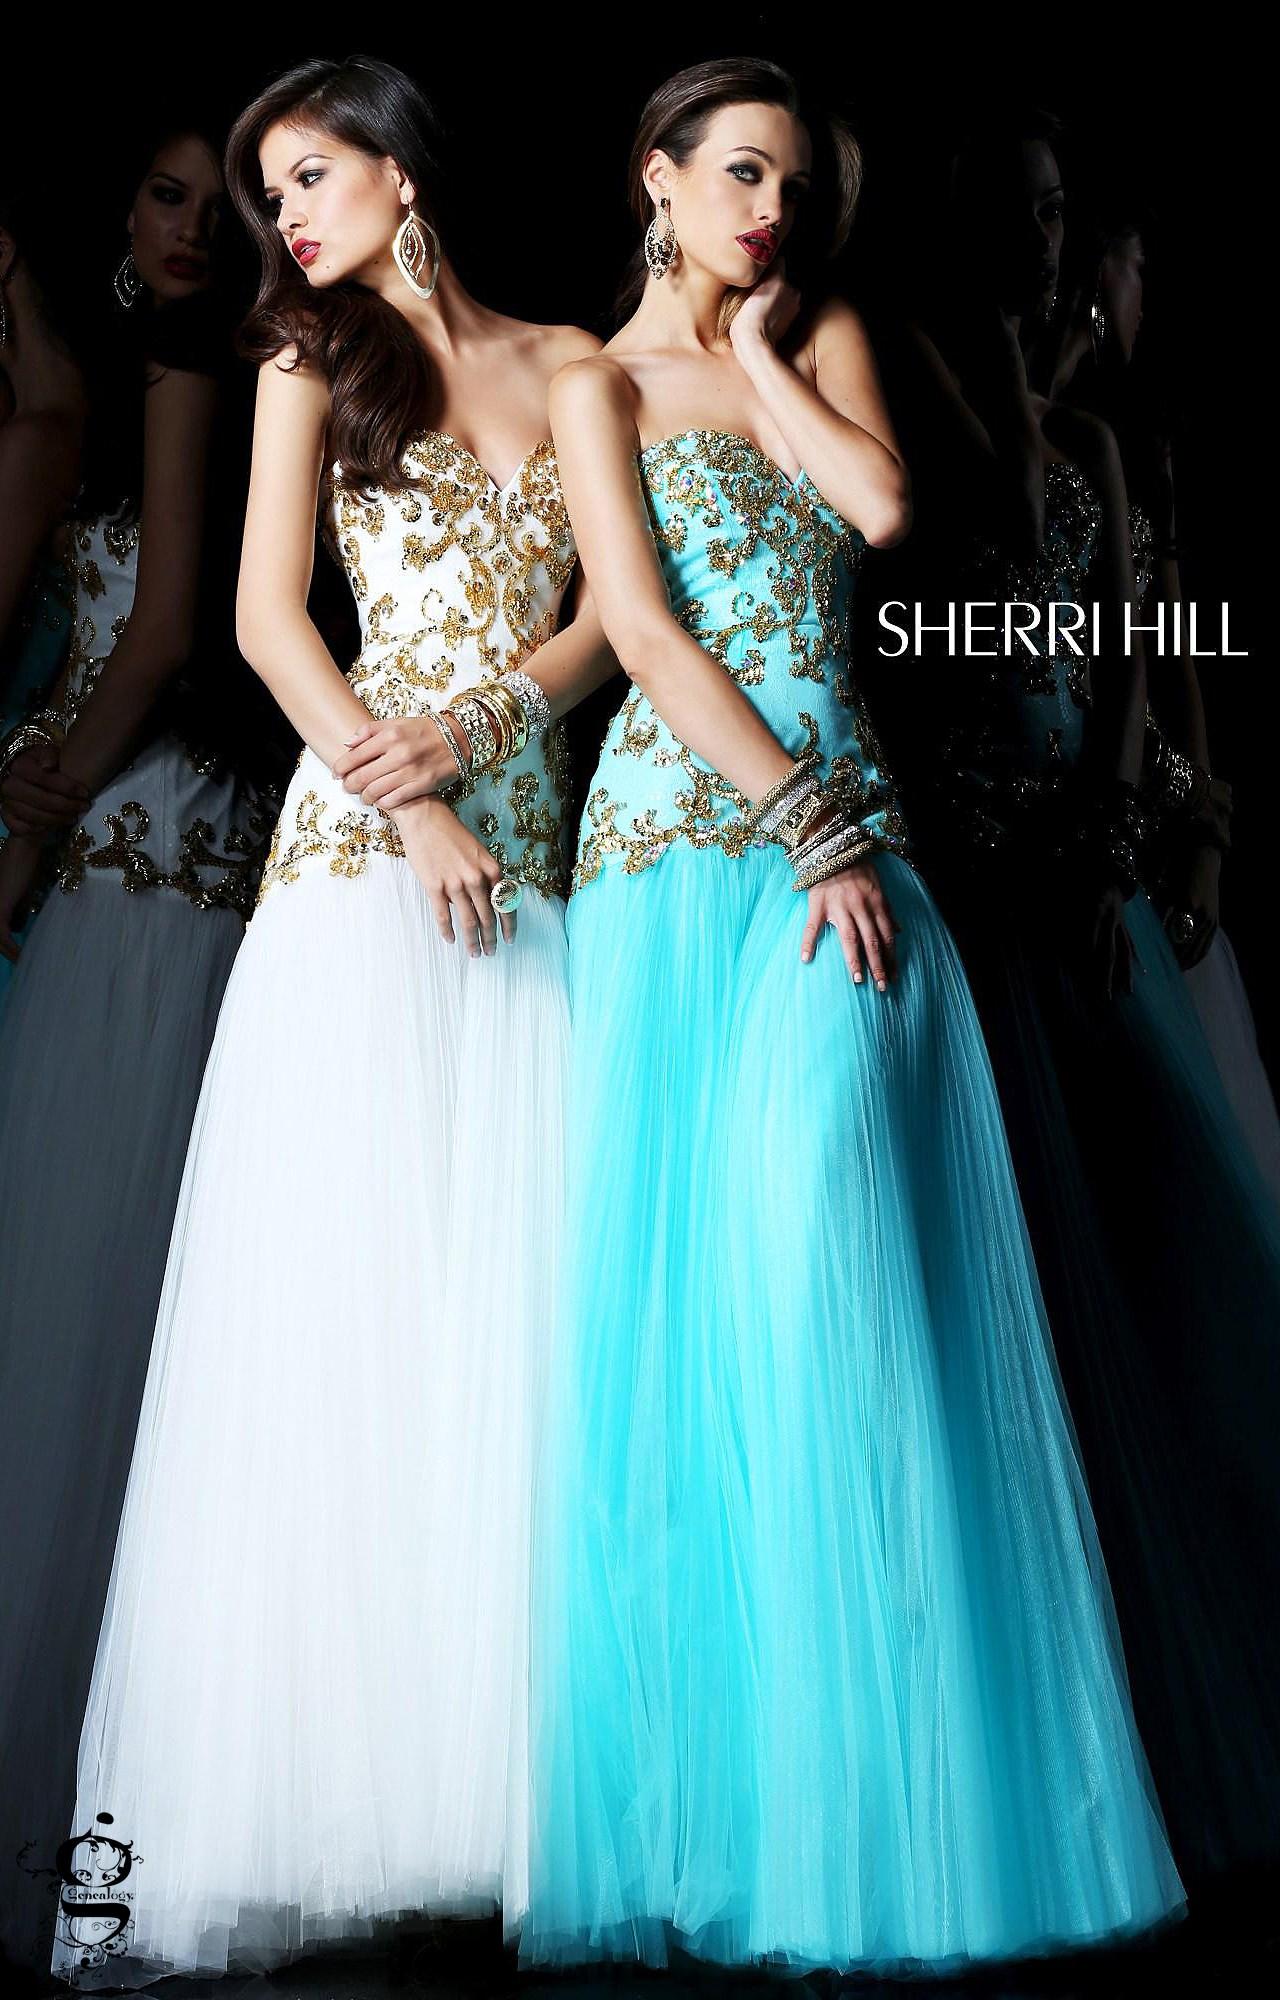 Sherri Hill 2973 - Formal Evening Prom Dress